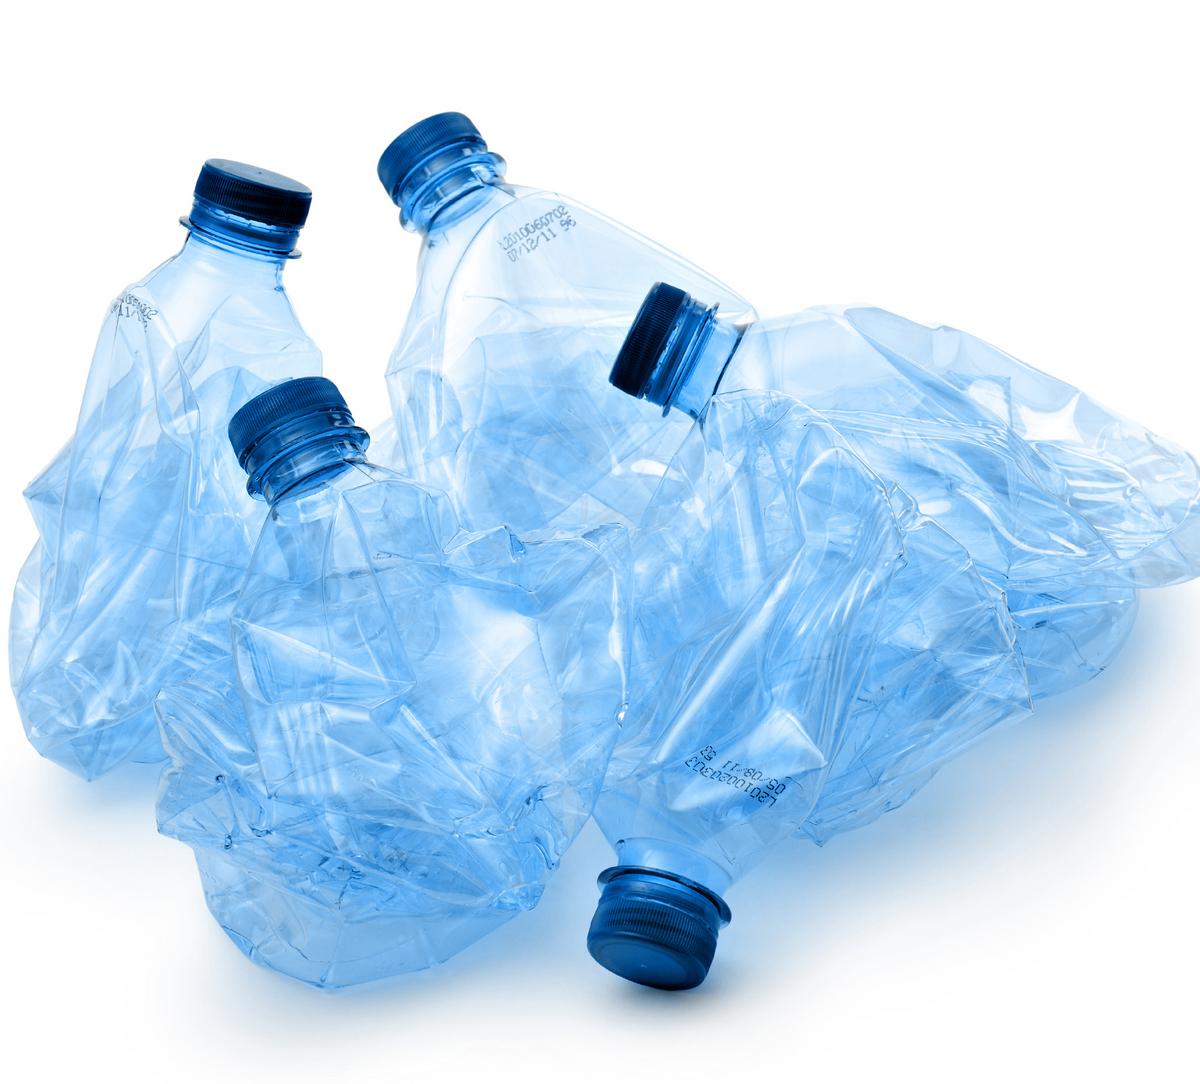 PlusPNG - Plastic Bottles PNG